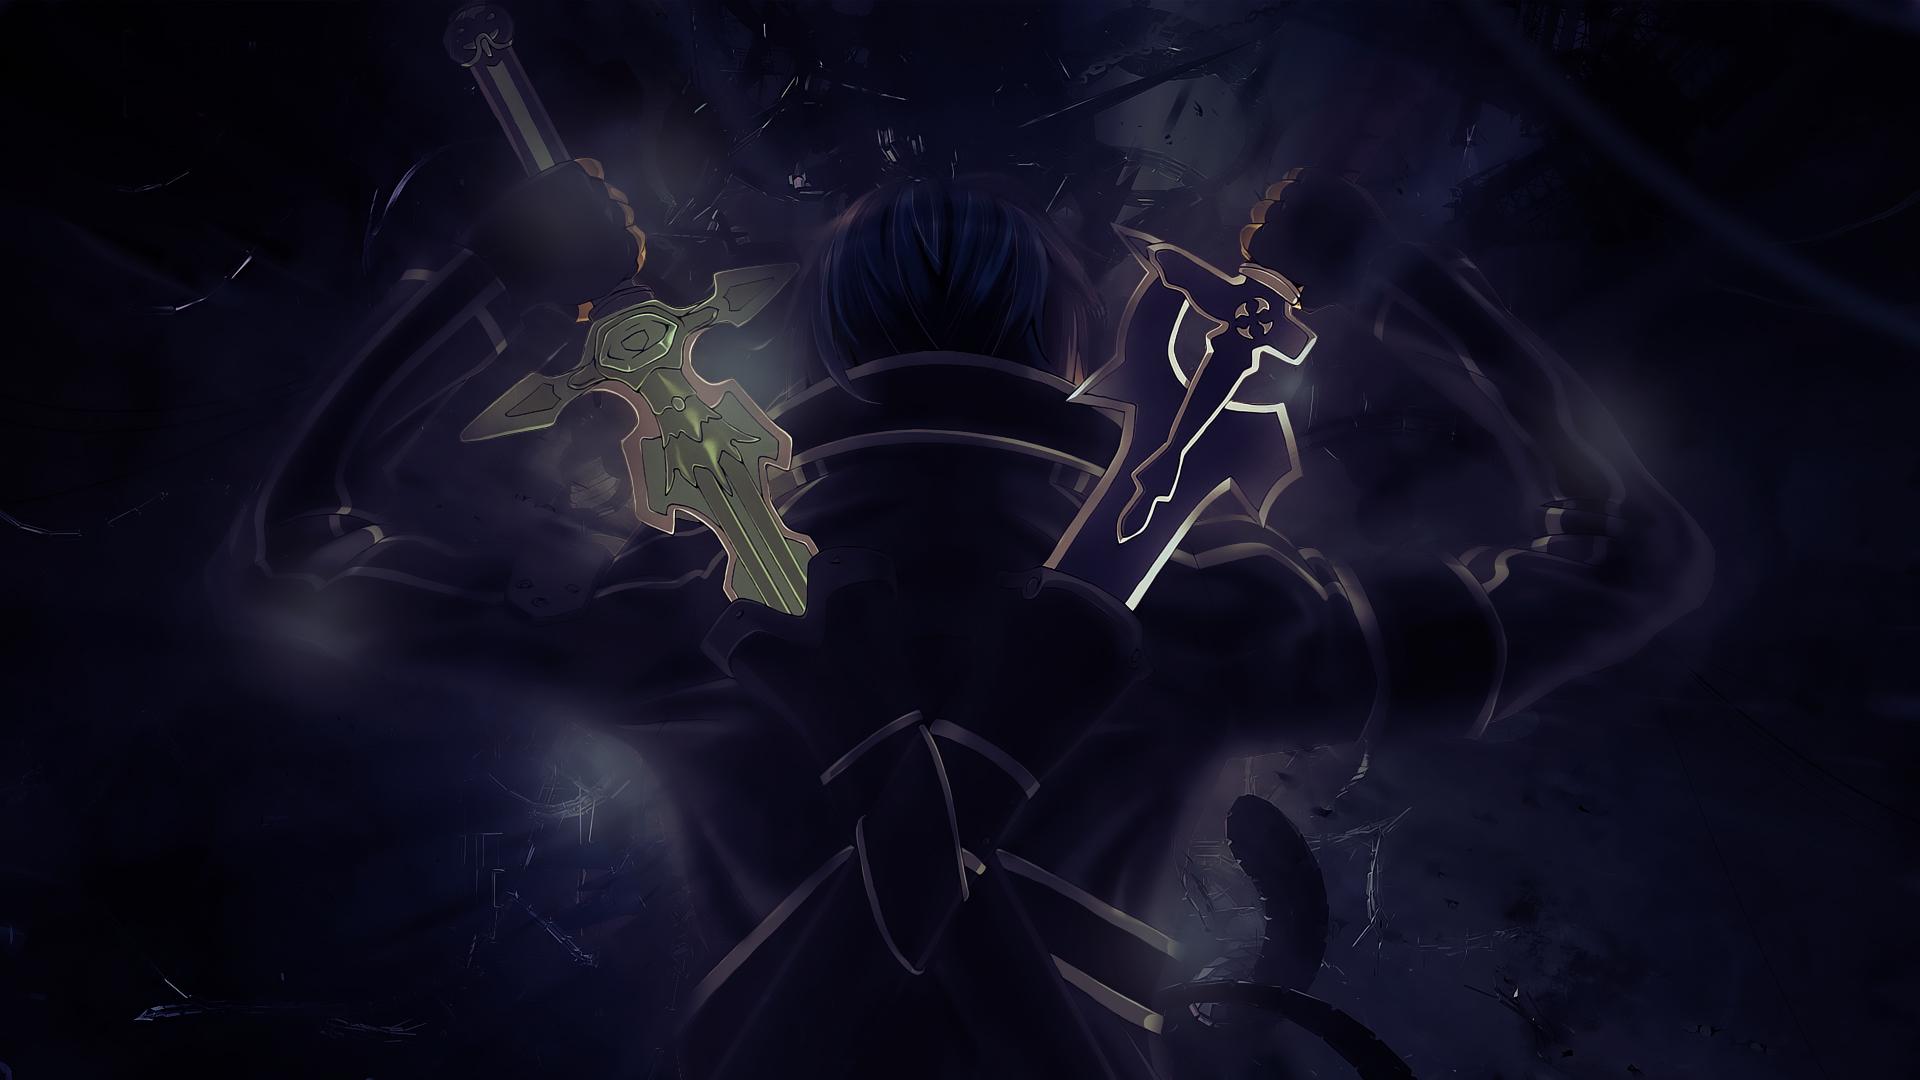 Sword Art Online SAO Anime Swords Wallpaper